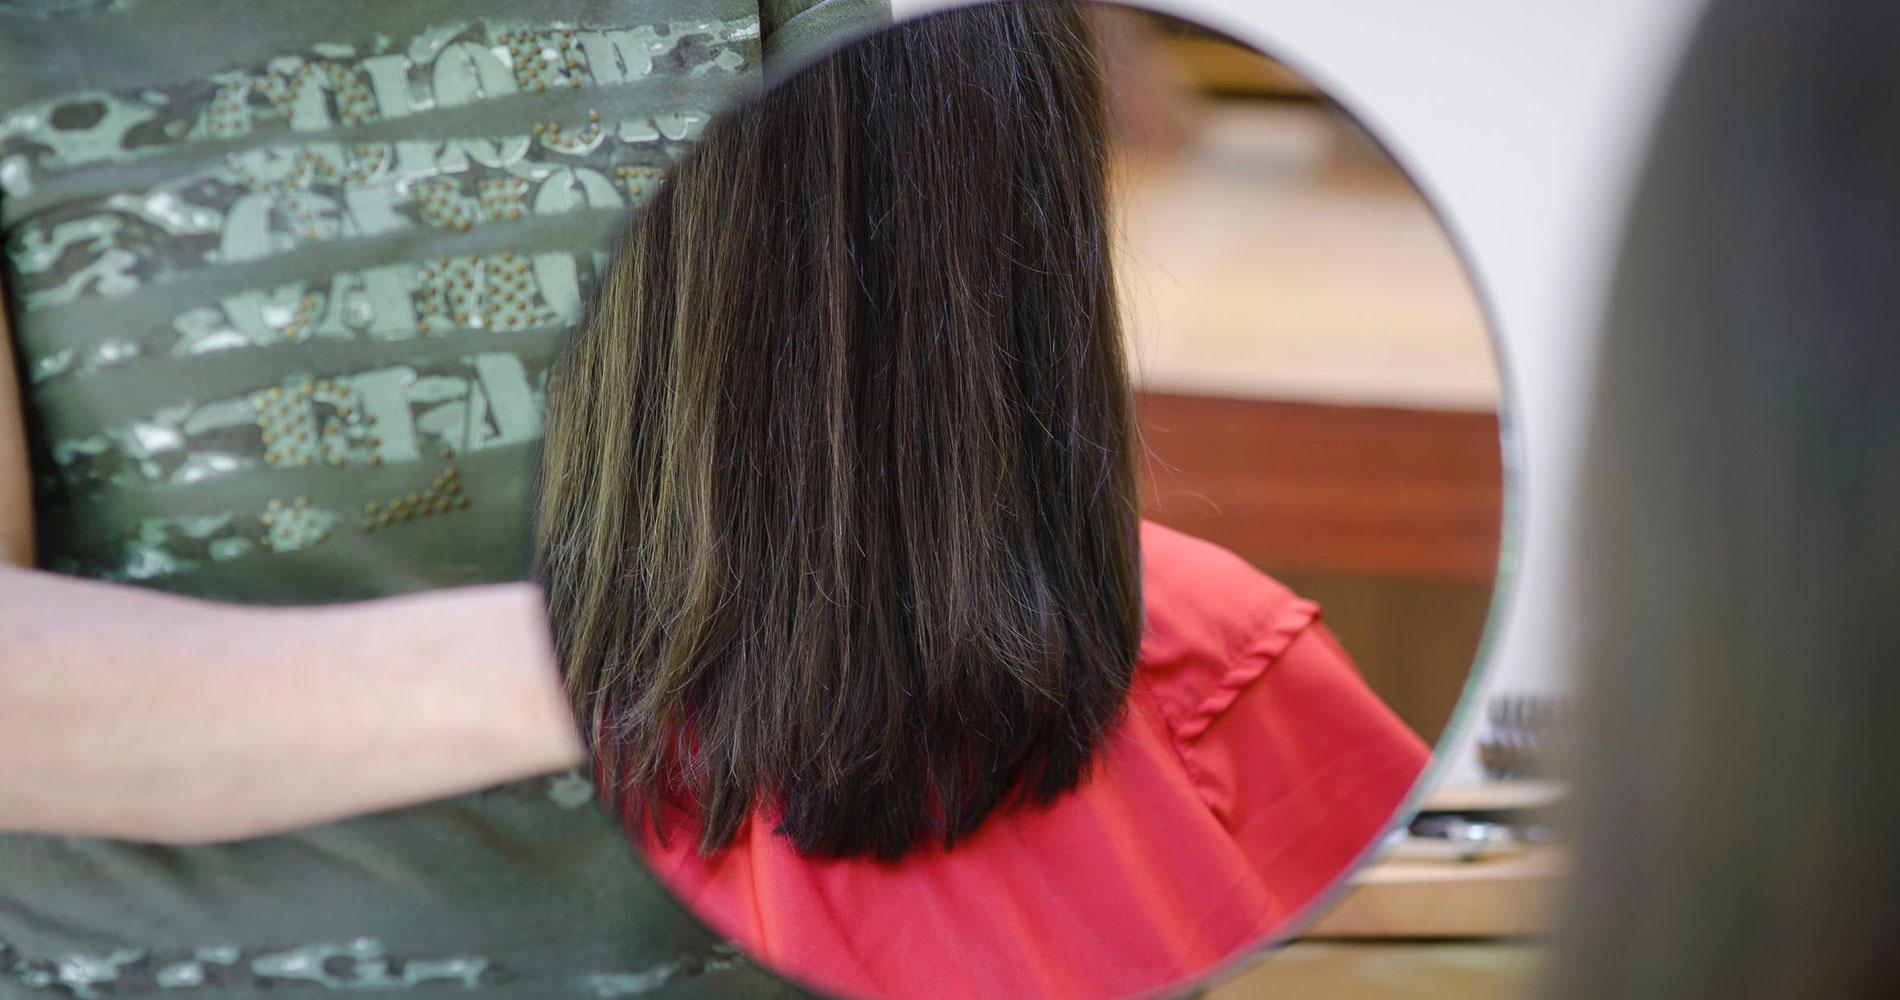 Naturfriseurin zeigt ihrer Kundin der fertige Frisur im Spiegel